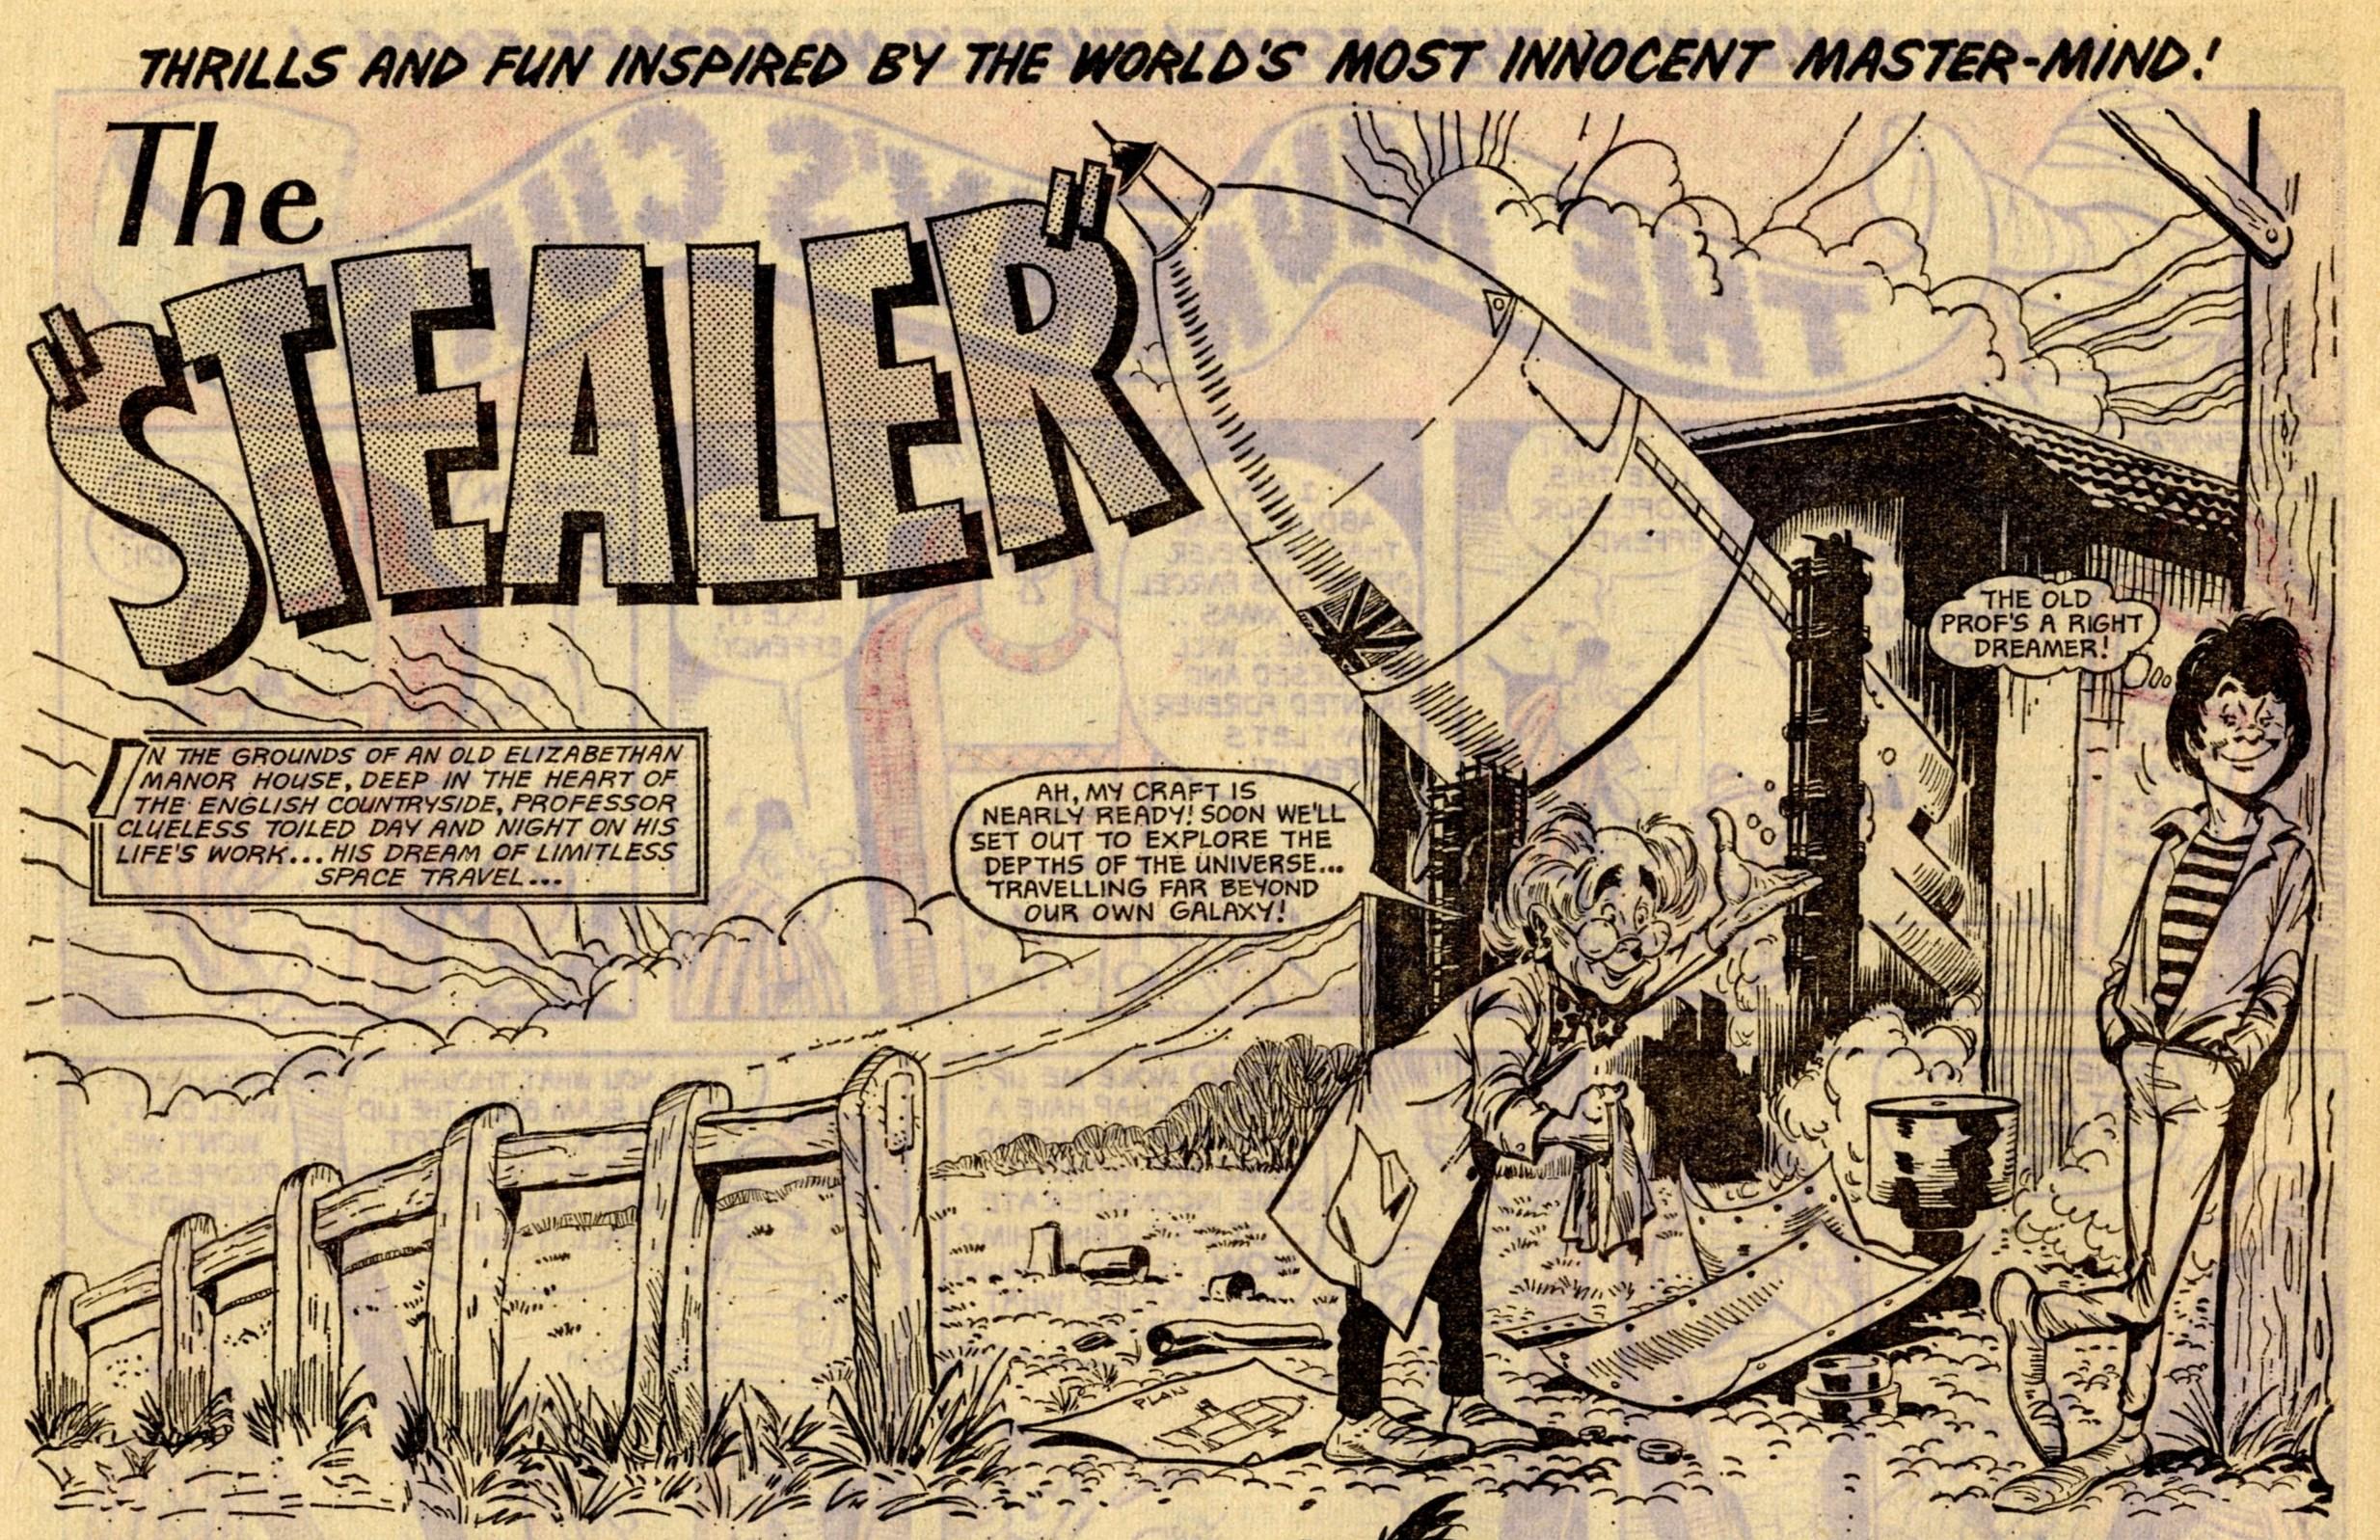 The Stealer: Tom Kerr (artist)